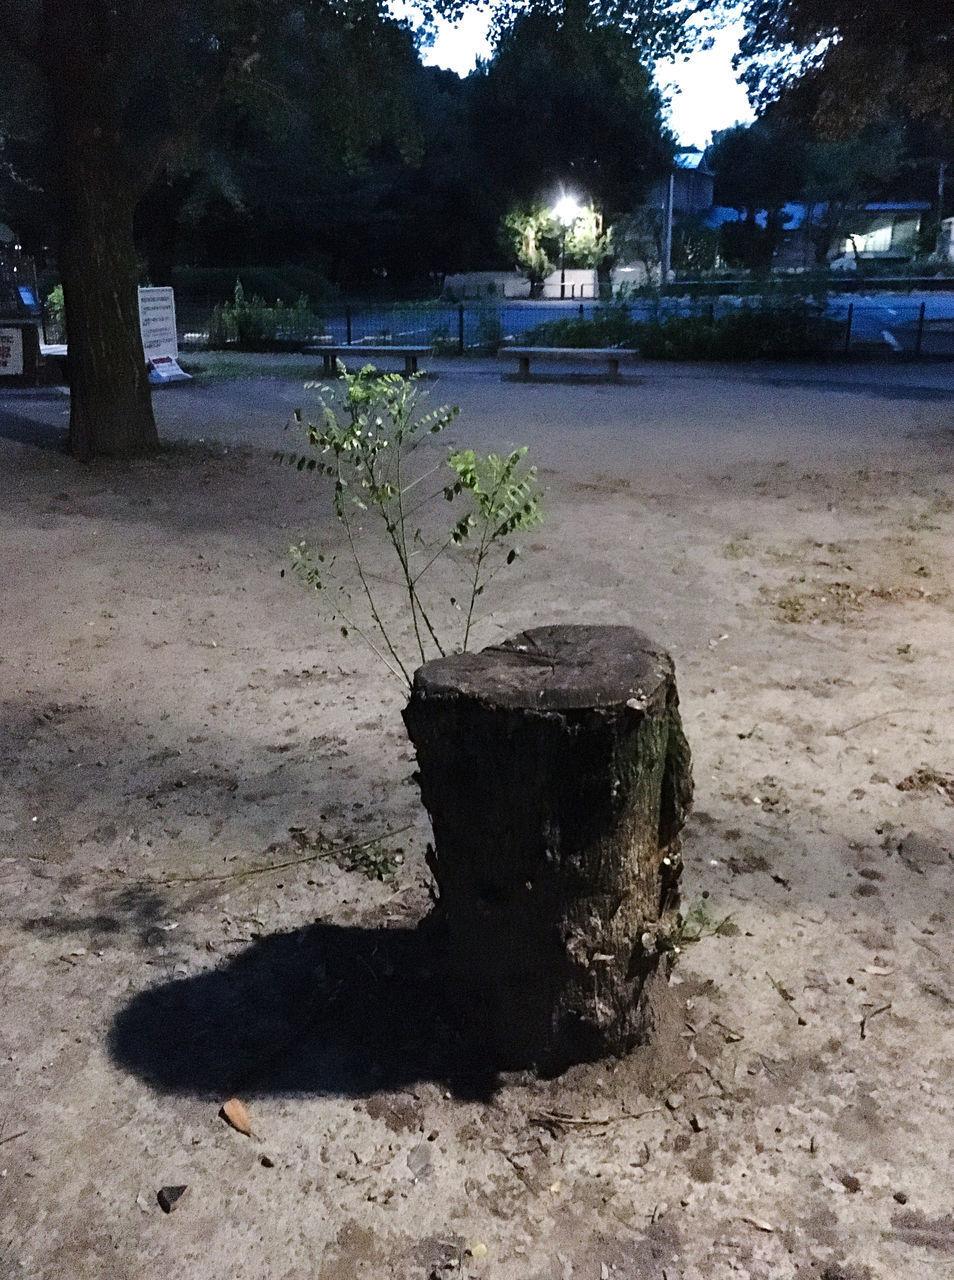 TREE TRUNK ON FIELD BY CITY